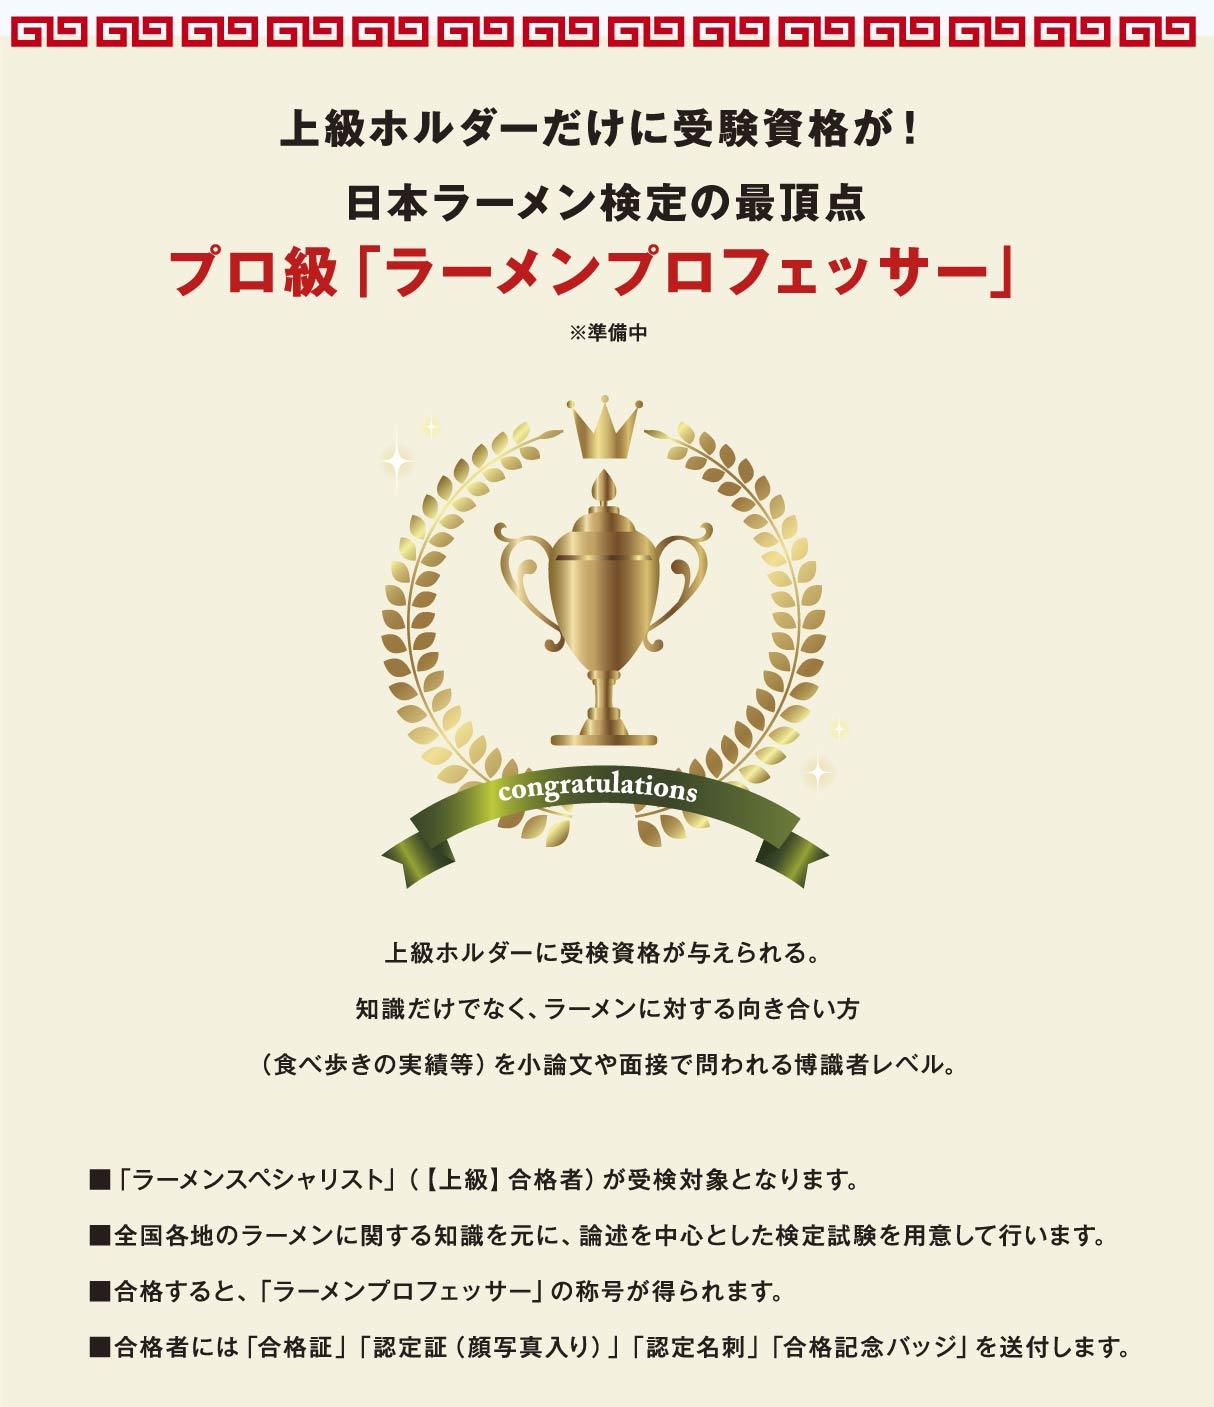 上級ホルダーだけに受験資格が!日本ラーメン検定の最頂点プロ級「ラーメンプロフェッサー」※準備中 上級ホルダーに受検資格が与えられる。知識だけでなく、ラーメンに対する向き合い方 ■「ラーメンスペシャリスト」(【上級】合格者)が受検対象となります。 ■全国各地のラーメンに関する知識を元に、論述を中心とした検定試験を用意して行います。■合格すると、「ラーメンプロフェッサー」の称号が得られます。 ■合格者には「合格証」「認定証(顔写真入り)」「認定名刺」「合格記念バッジ」を送付します。(食べ歩きの実績等)を小論文や面接で問われる博識者レベル。